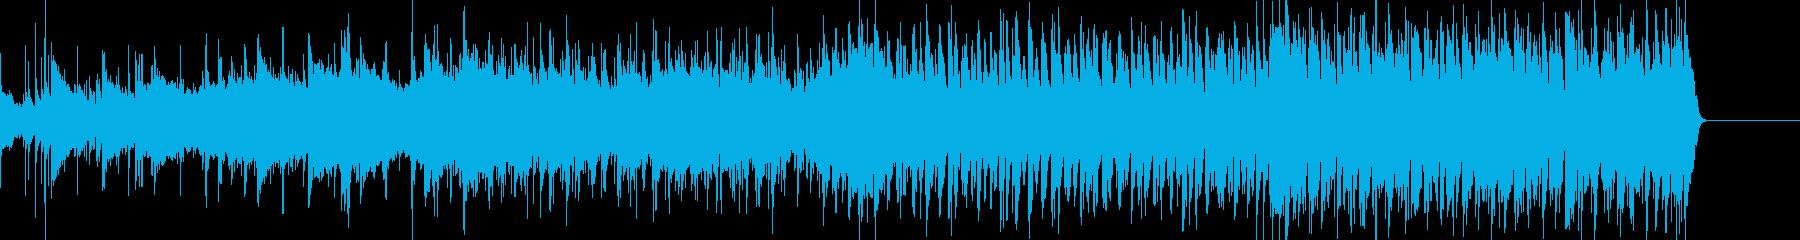 ラテンのリズムを取り入れた爽やかな曲の再生済みの波形